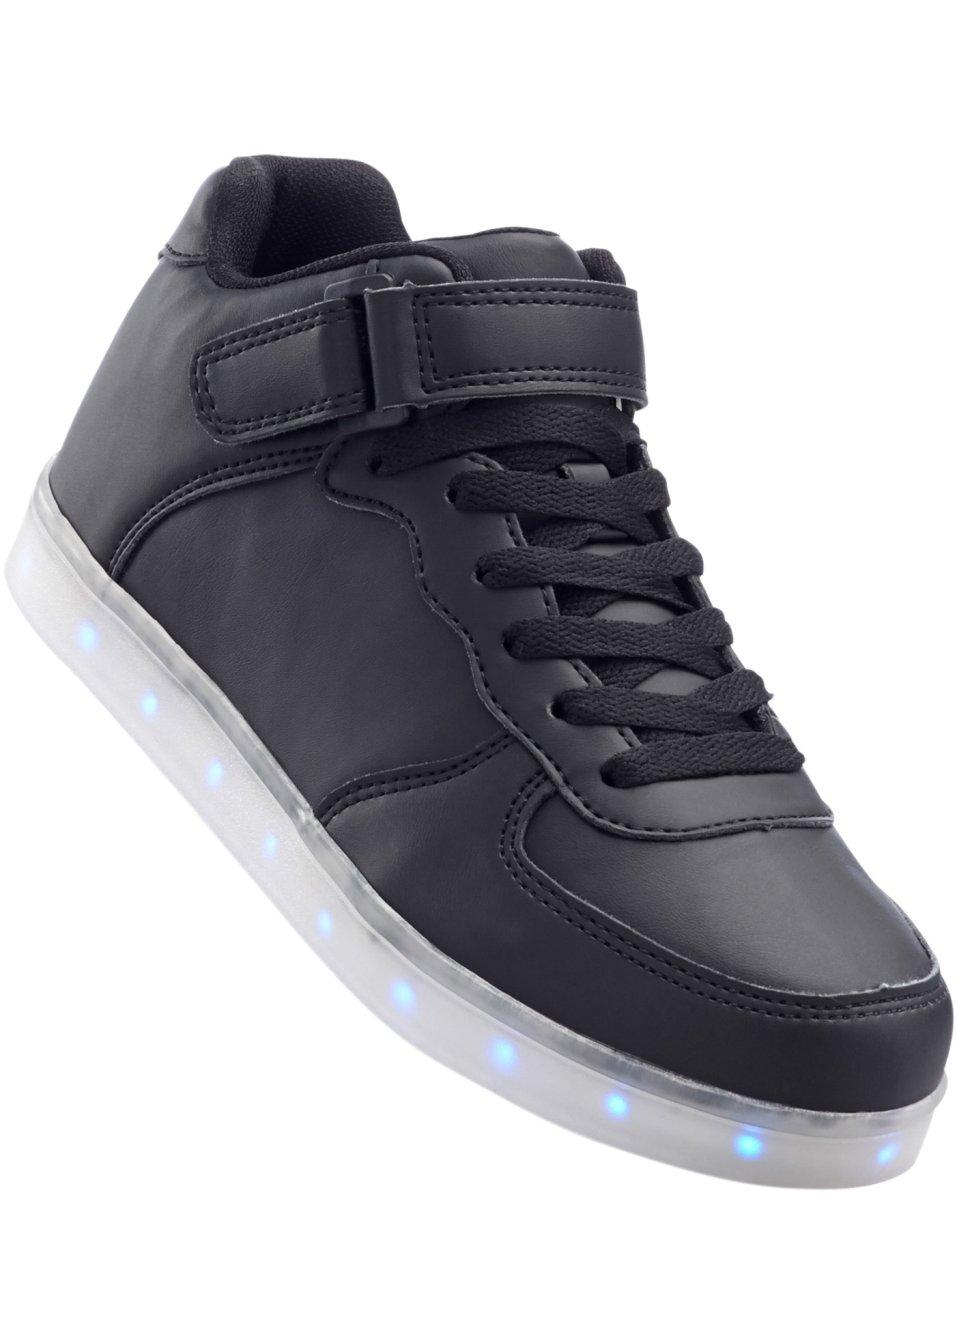 trendiger hingucker der sneaker mit led sohle schwarz. Black Bedroom Furniture Sets. Home Design Ideas